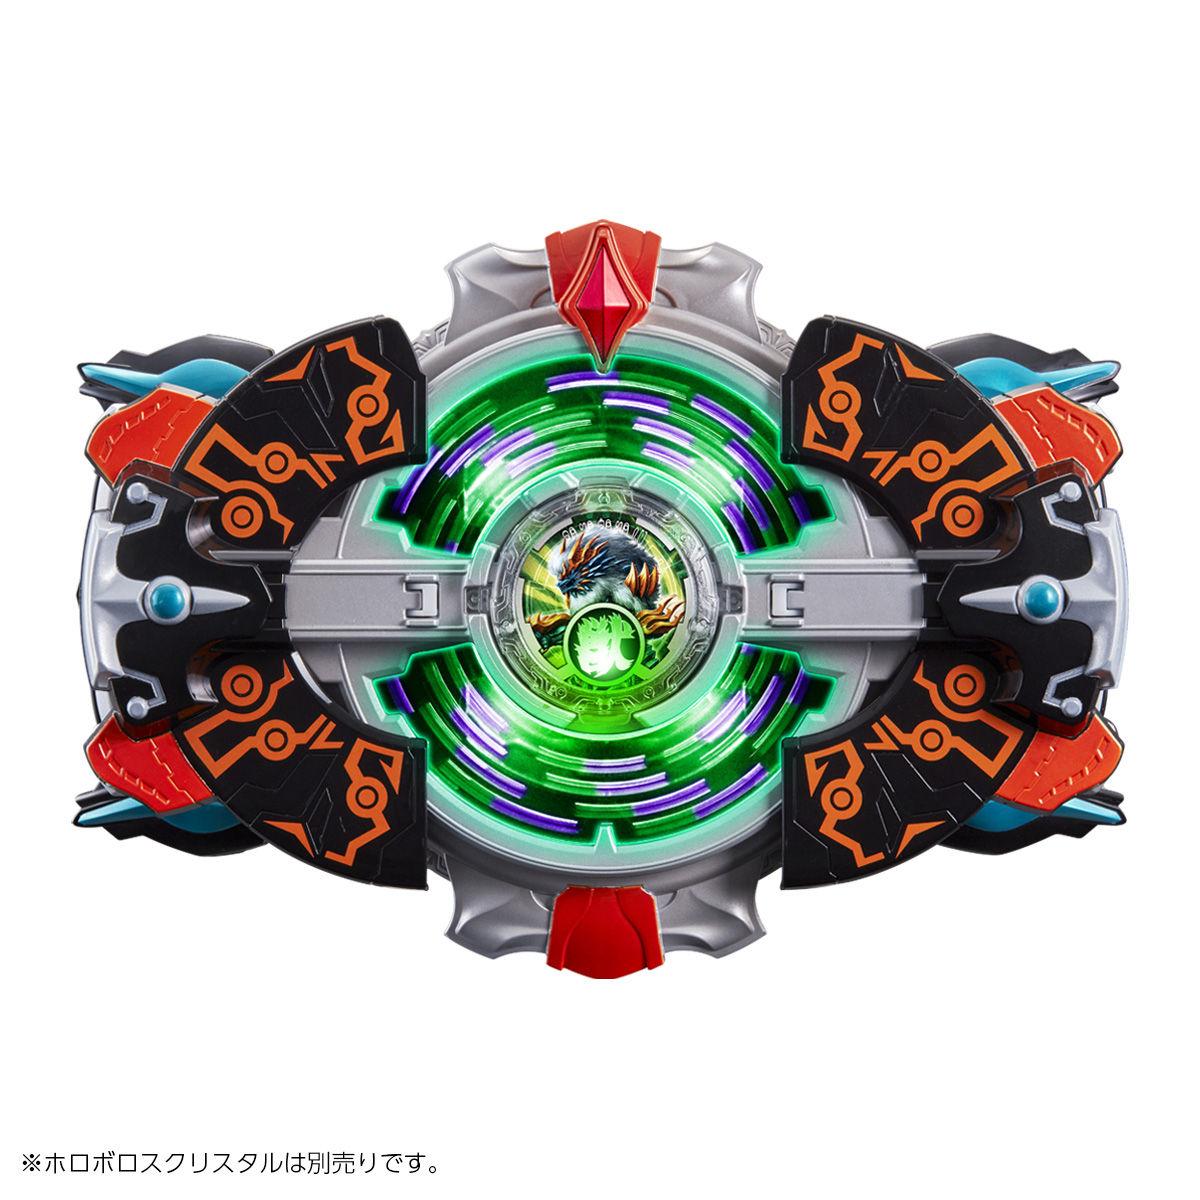 ウルトラマンR/B『DXルーブジャイロ ―美剣サキ仕様―』変身なりきり-008